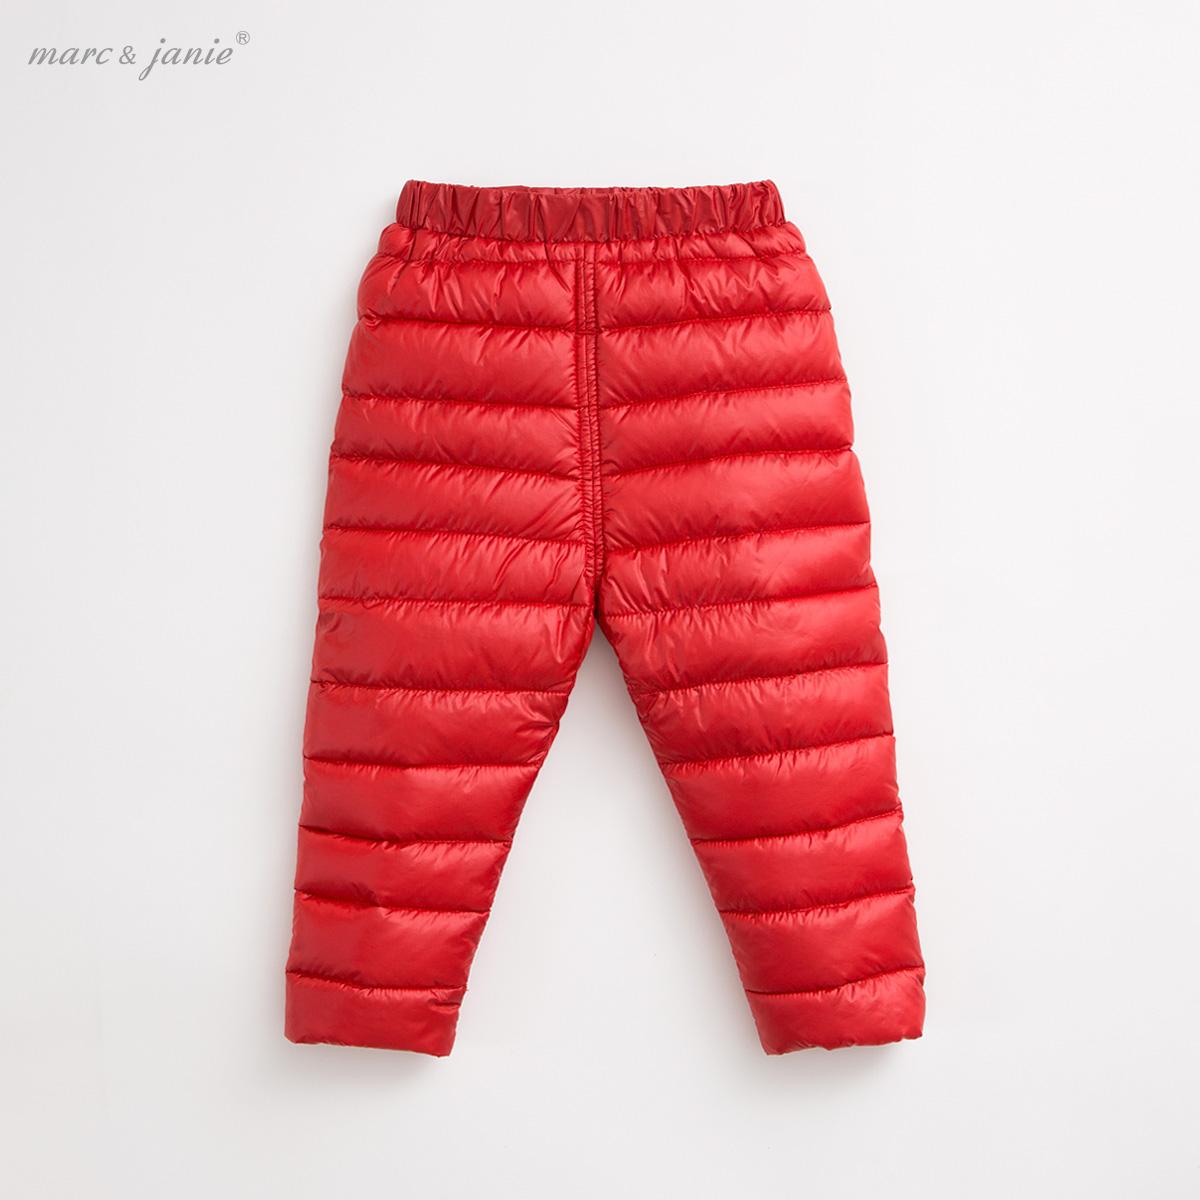 7214be4e6aa Марк Дженни осень-зима платье мужские и женские Тонг супер легкий пуховик  лайнер на младенца